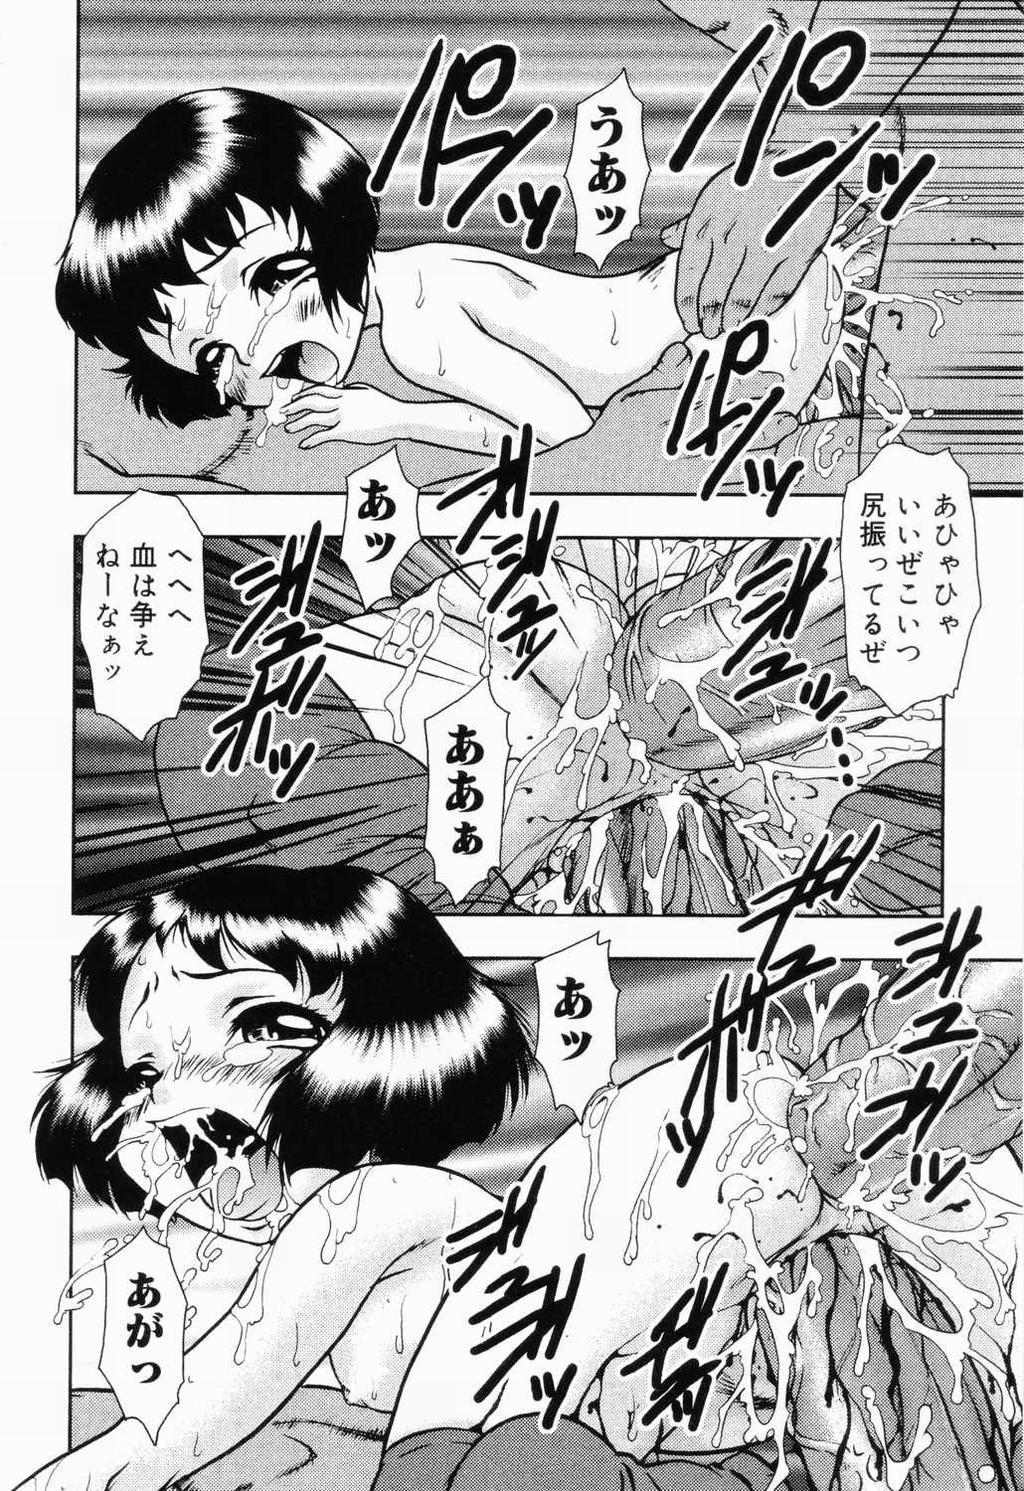 Picha Picha no Ichinensei 159